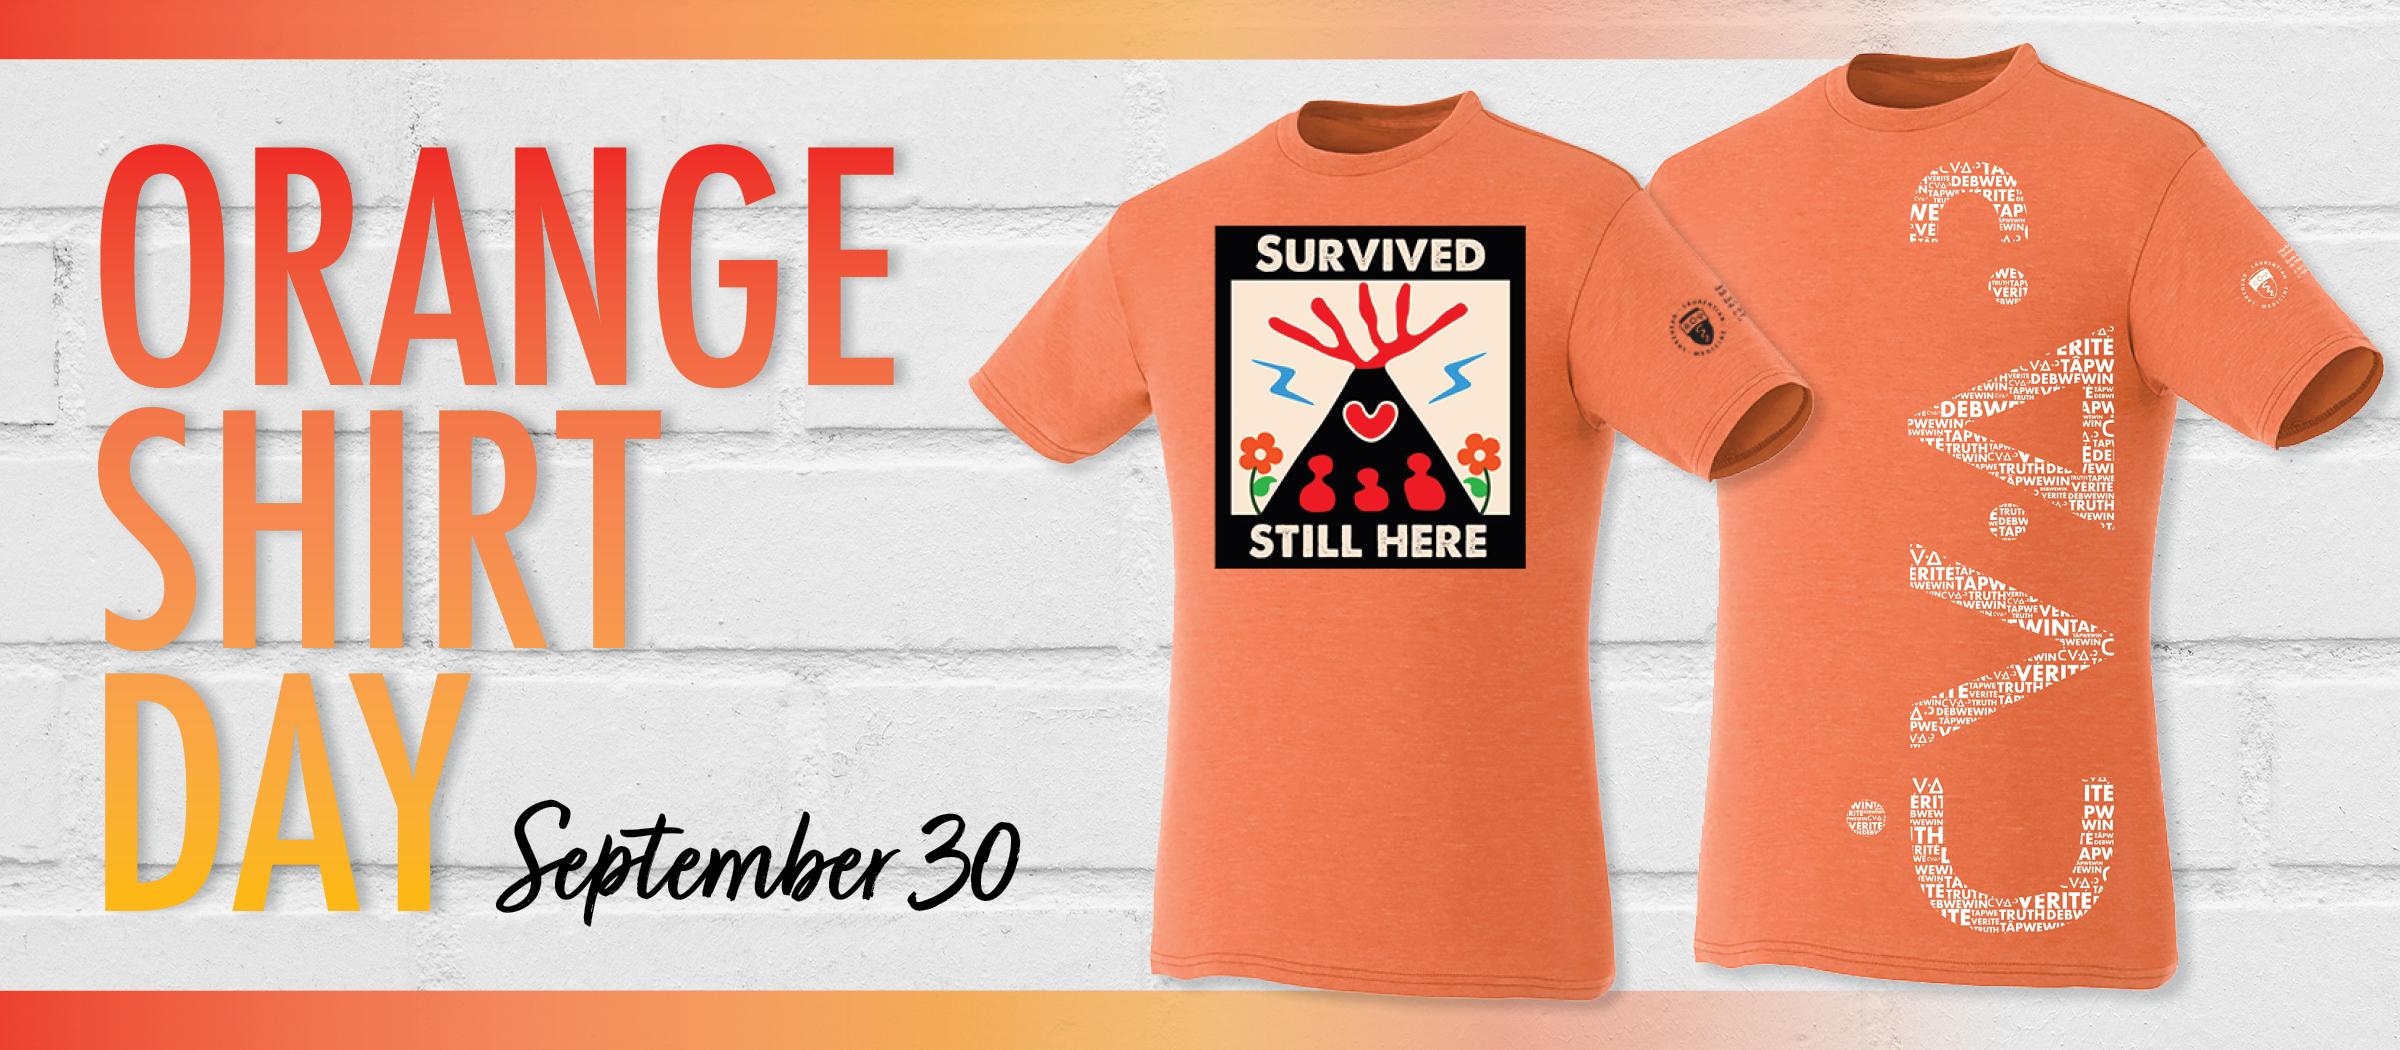 Orange Shirt Day is September 30